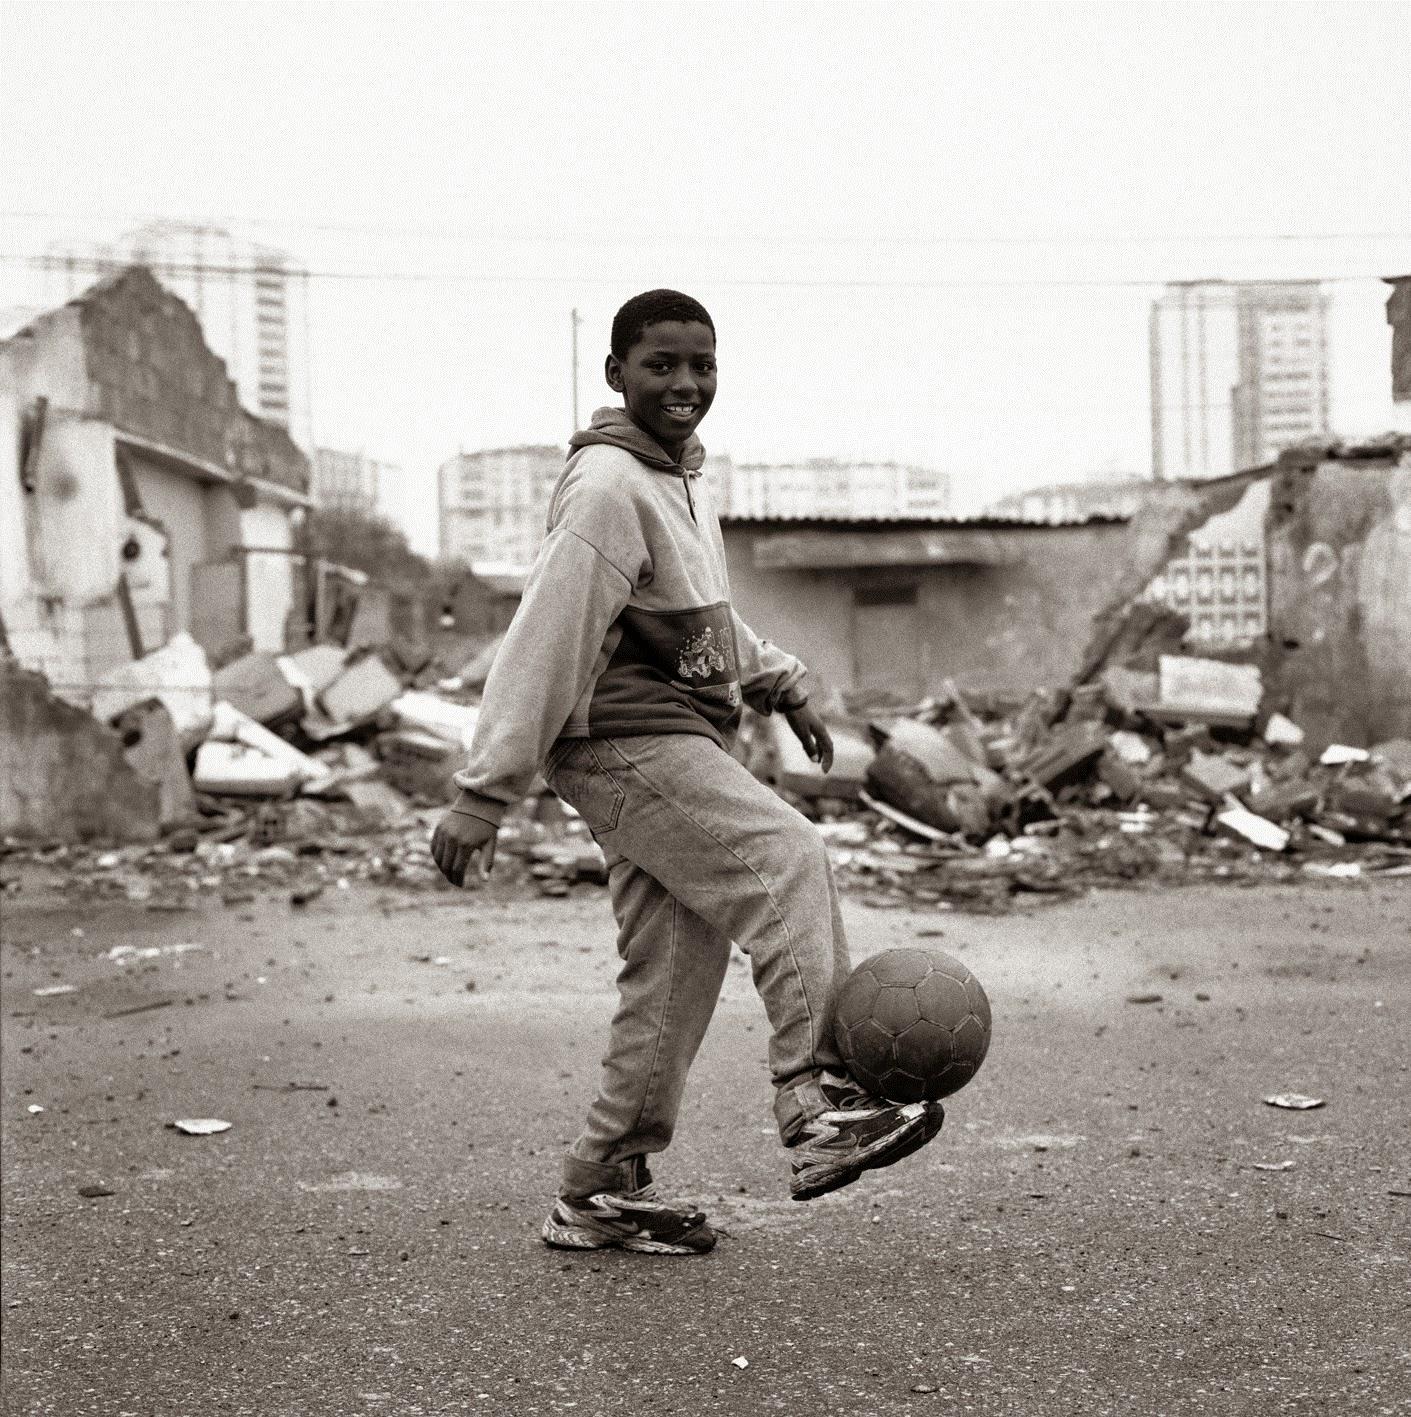 ae6d0da383680 Alexandre Almeida nasceu em Lisboa em 1969, tendo logo passado a viver em  Algés. Estudou fotografia na Academia de Artes   Tecnologias e pós-produção  de ...